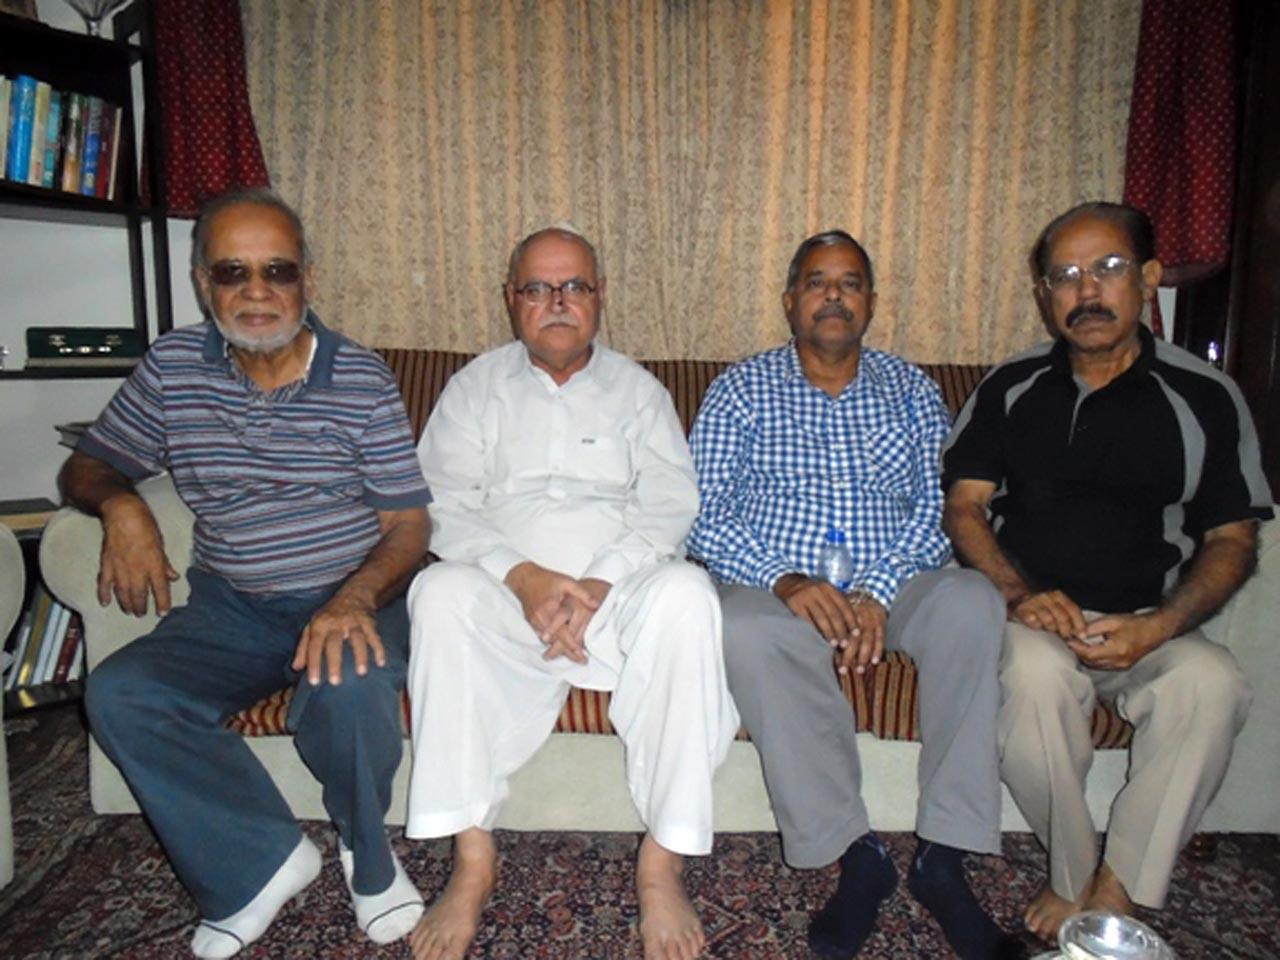 MA Mateen, Mahtab Khan, Arif Qamar, Shafiq A. Khan